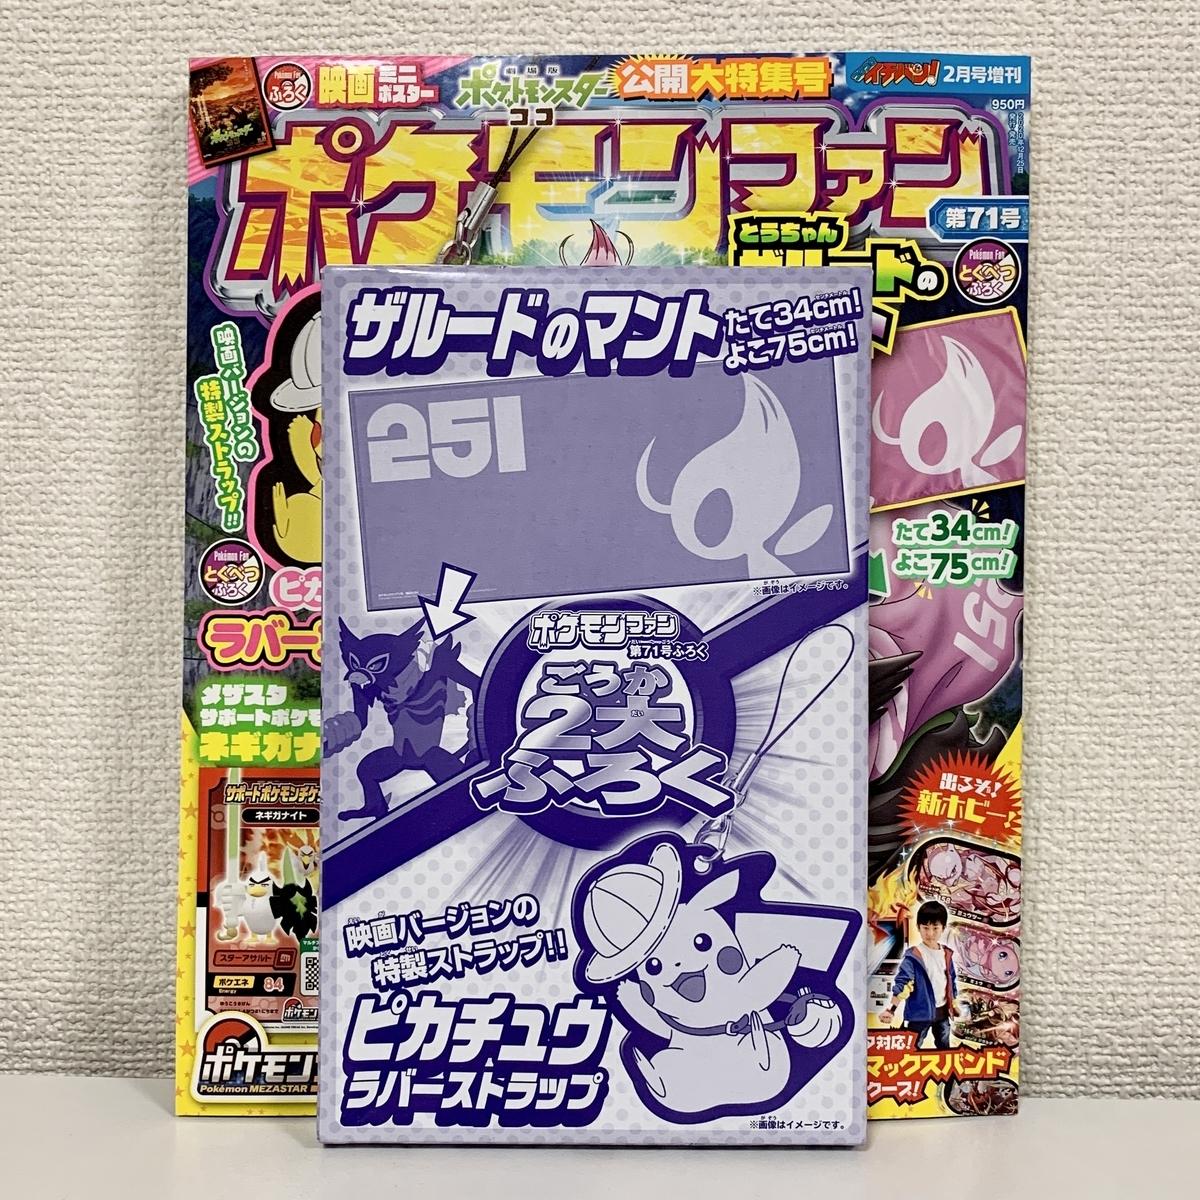 f:id:pikachu_pcn:20201225145730j:plain